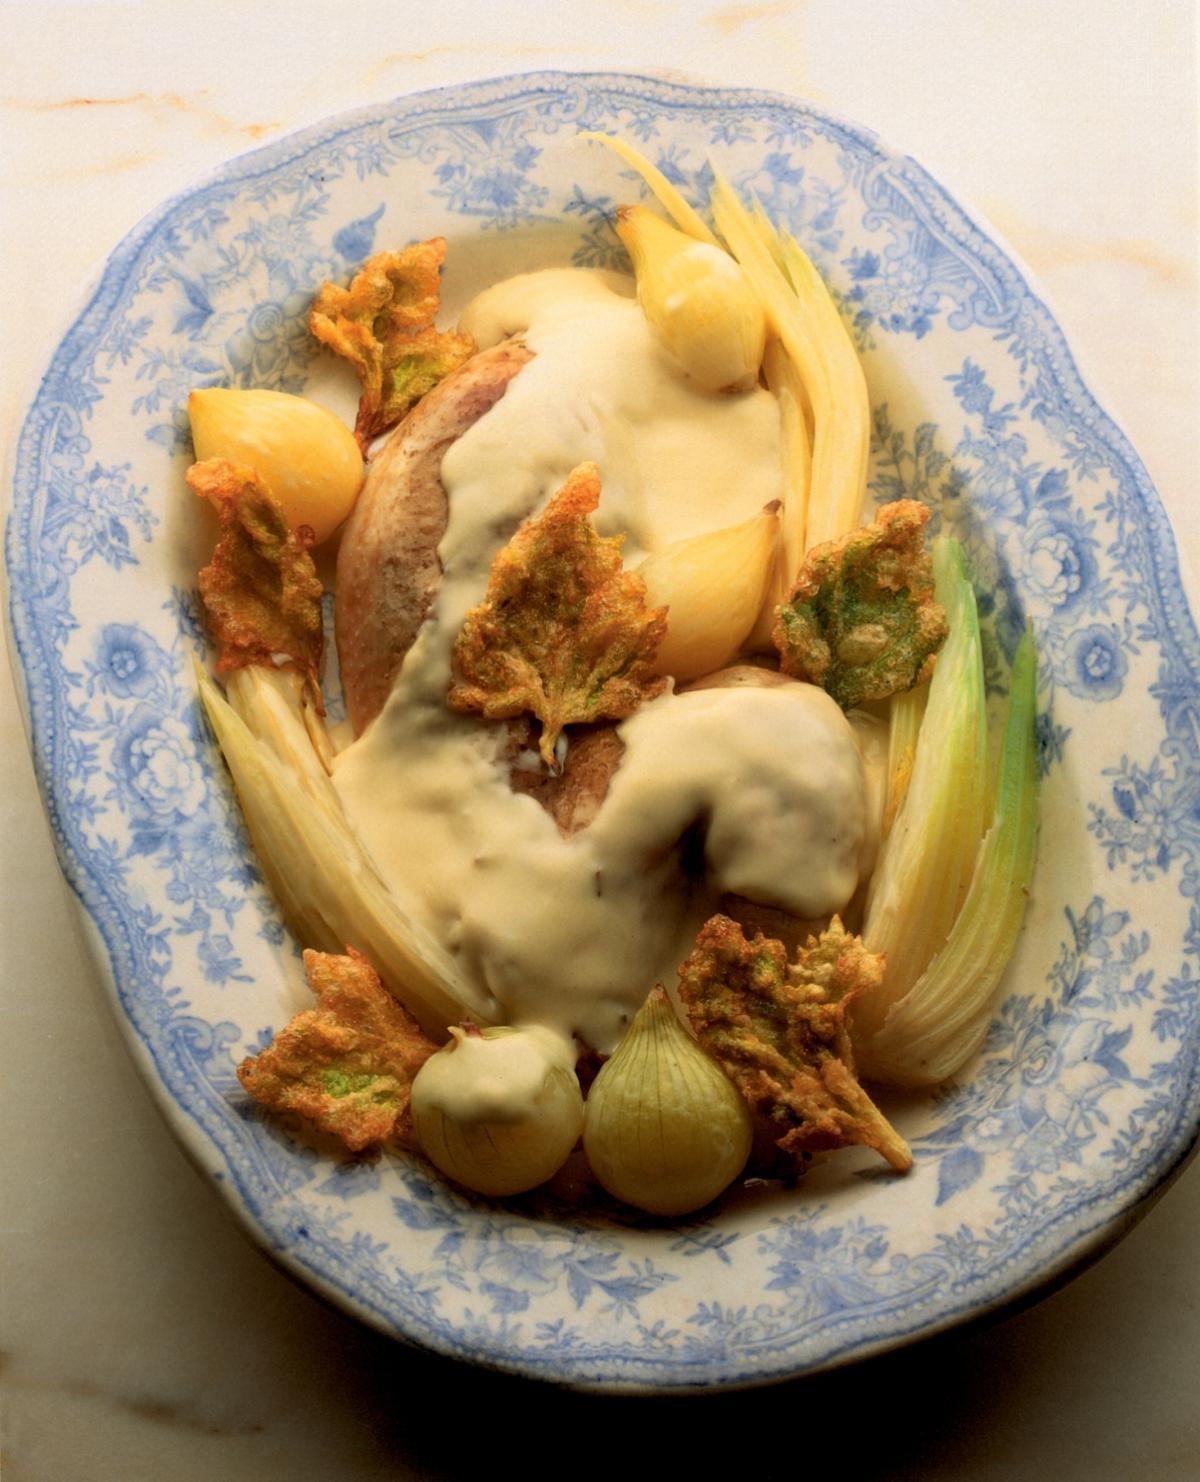 A picture of Delia's Pheasant recipes